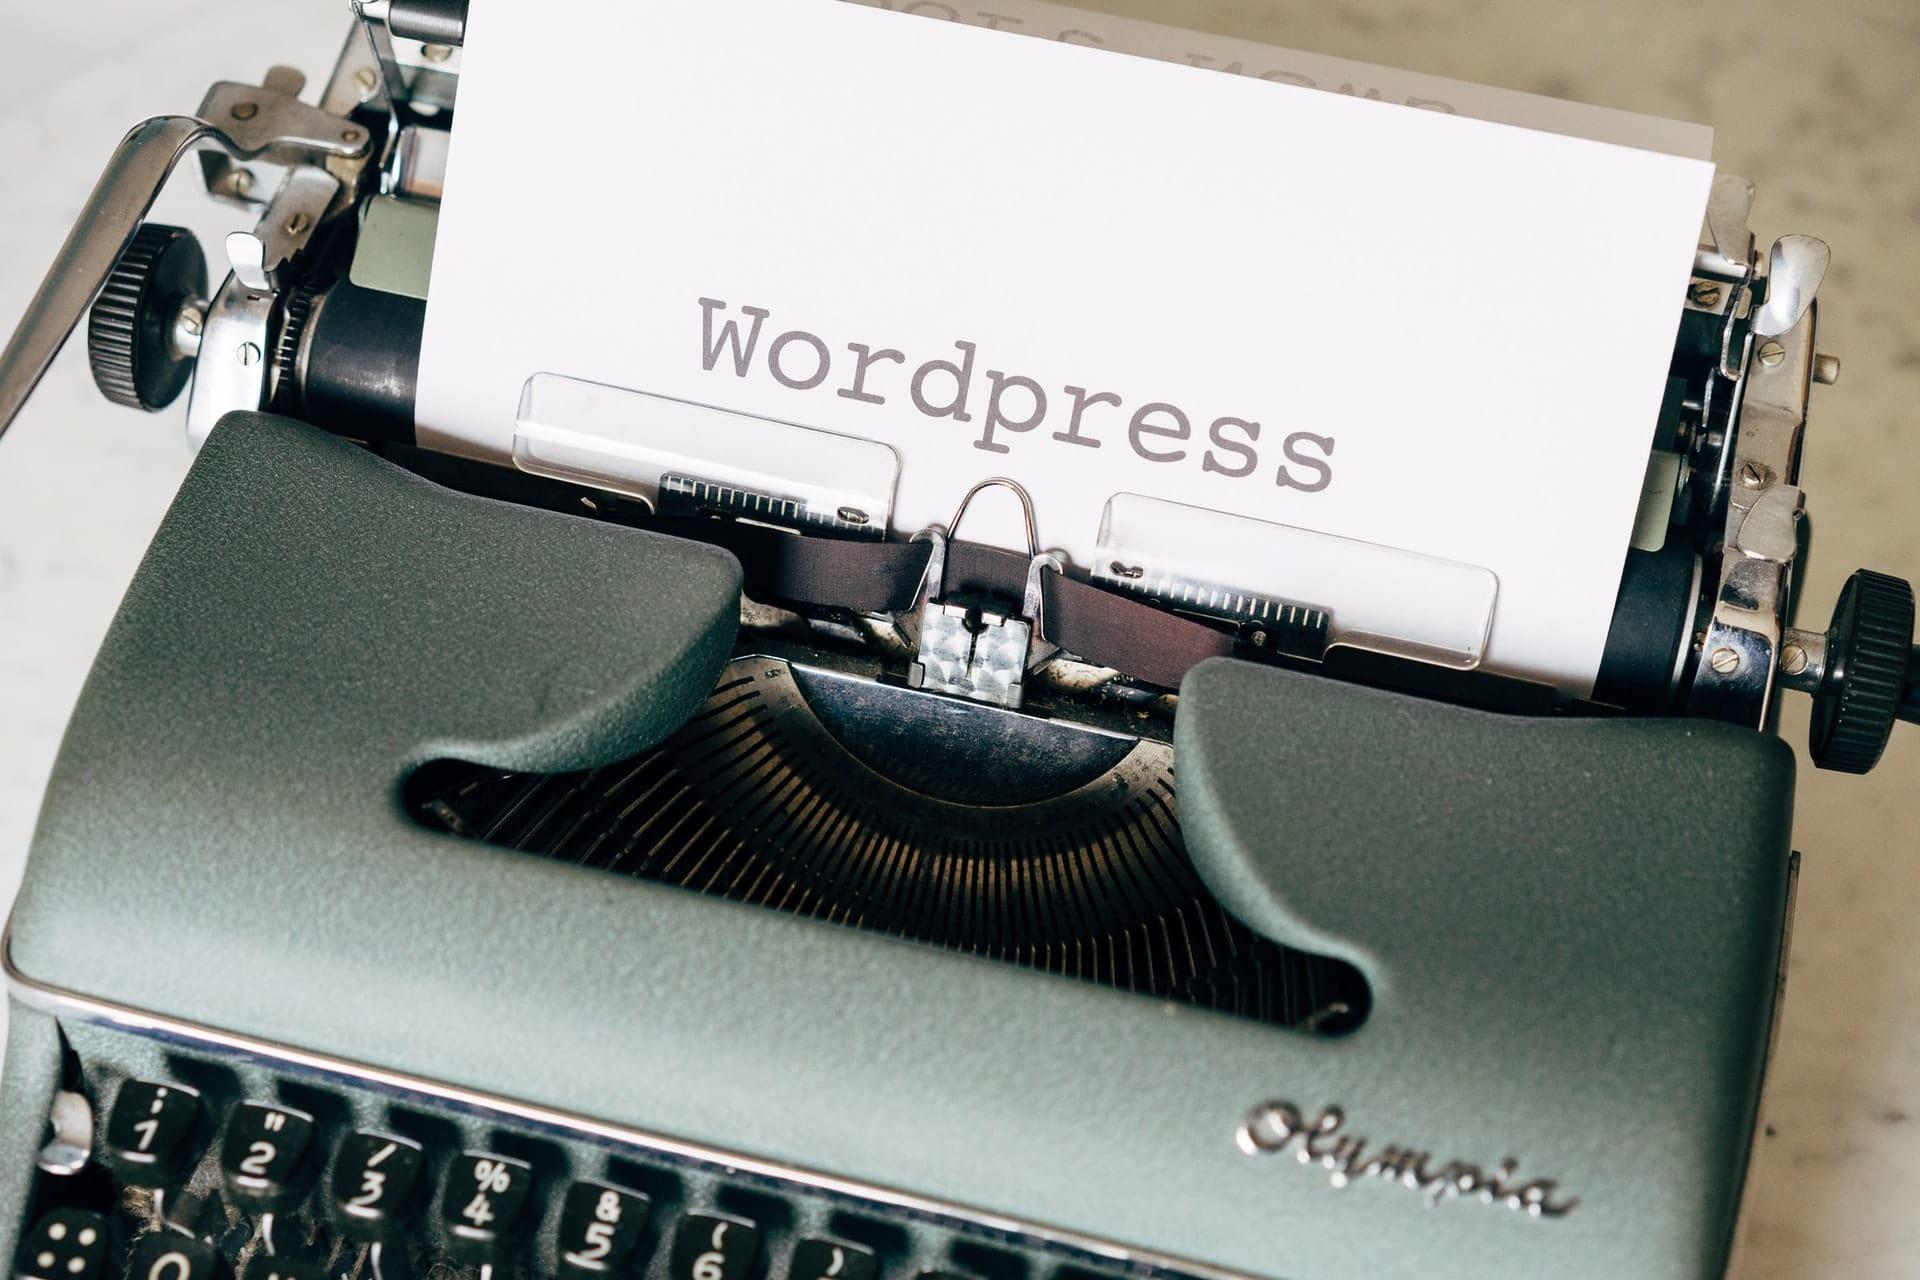 WordPress blog update